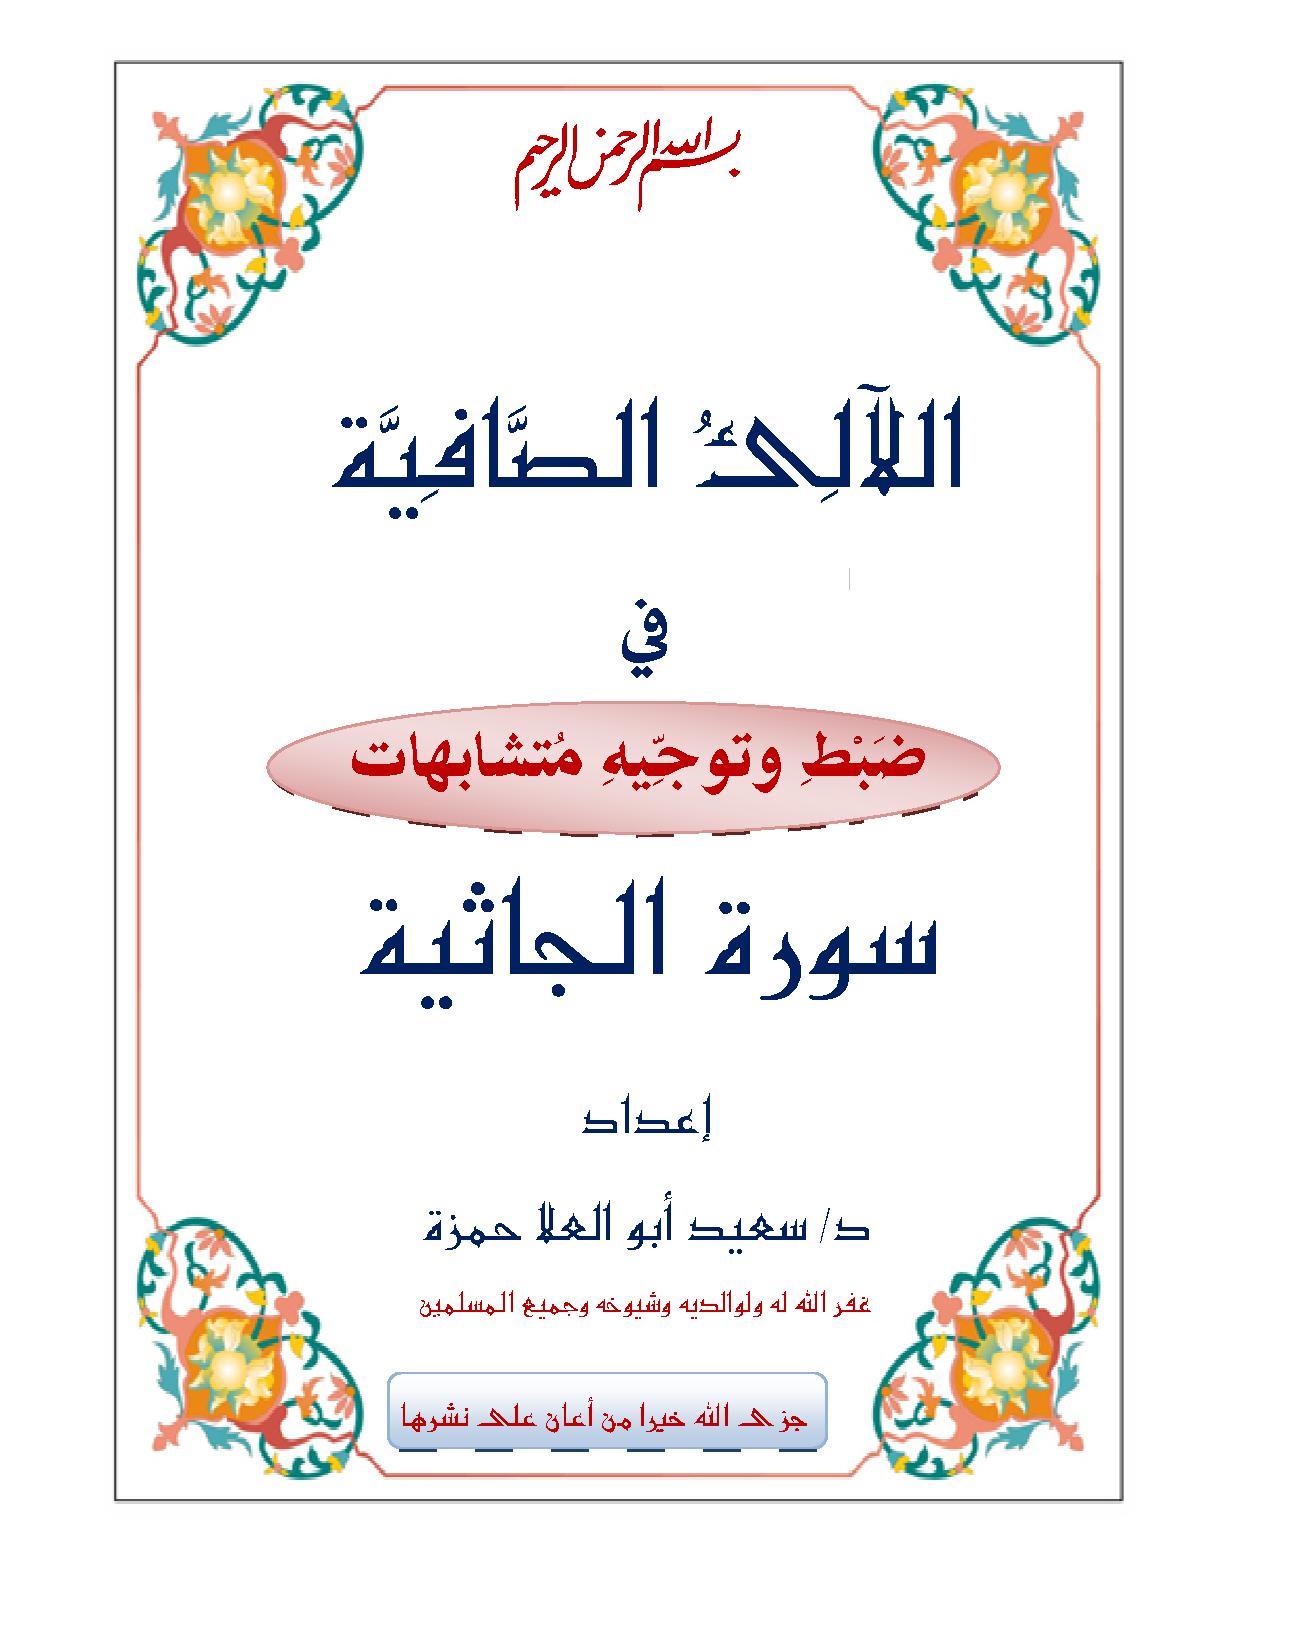 تحميل كتاب اللآلئ الصافية في ضبط وتوجيه متشابهات سورة الجاثية لـِ: الدكتور سعيد أبو العلا أحمد حمزة